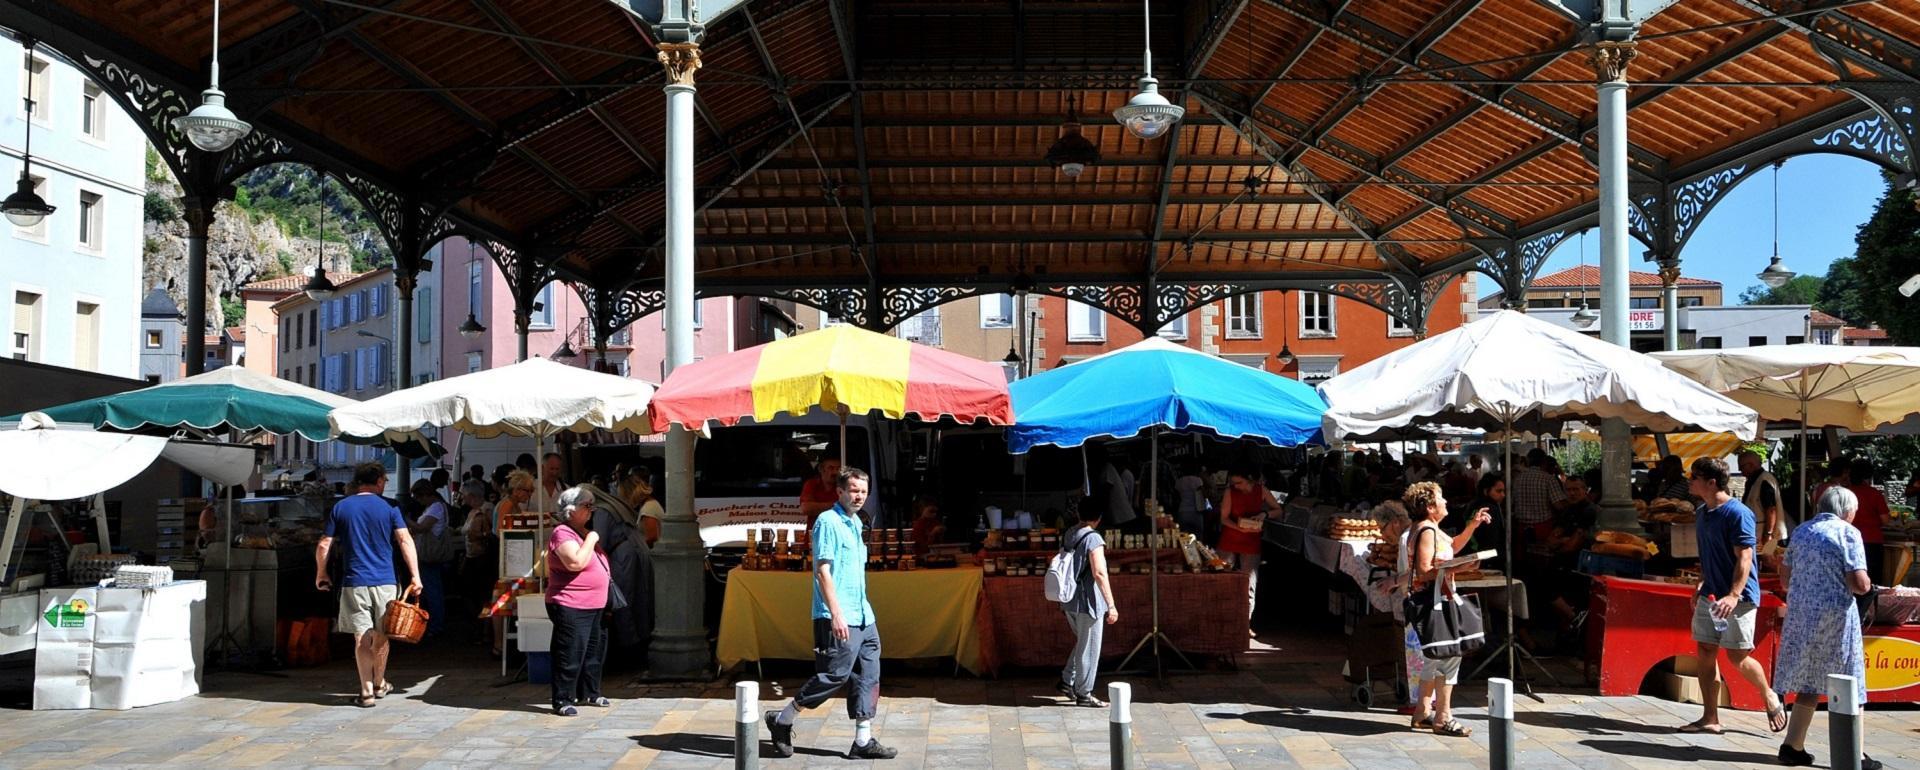 Le marché de Foix